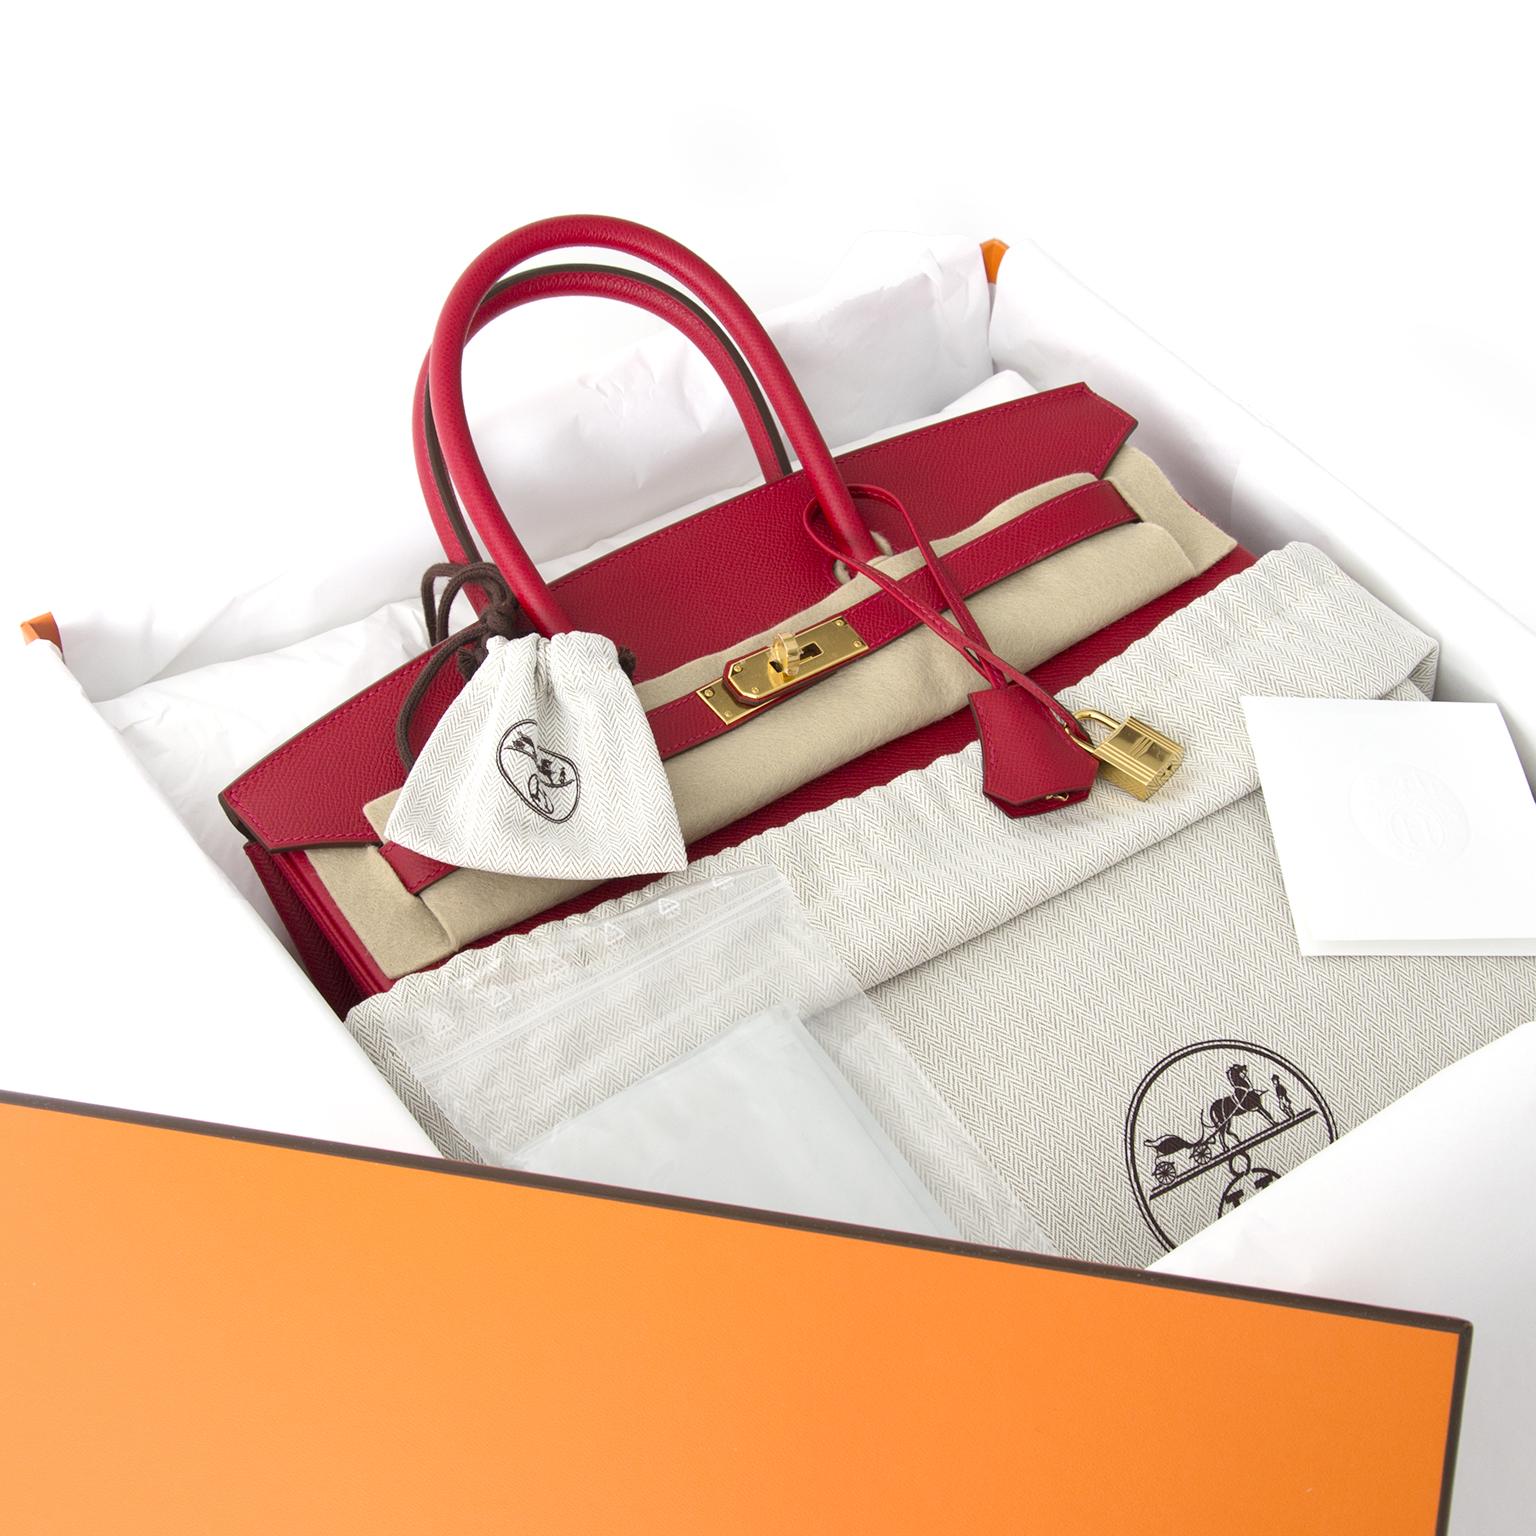 acheter en ligne pour le meilleur prix sac a main Brand New Hermès  Birkin Rouge Casaque Epsom 35 GHW NEUF 100% authentic